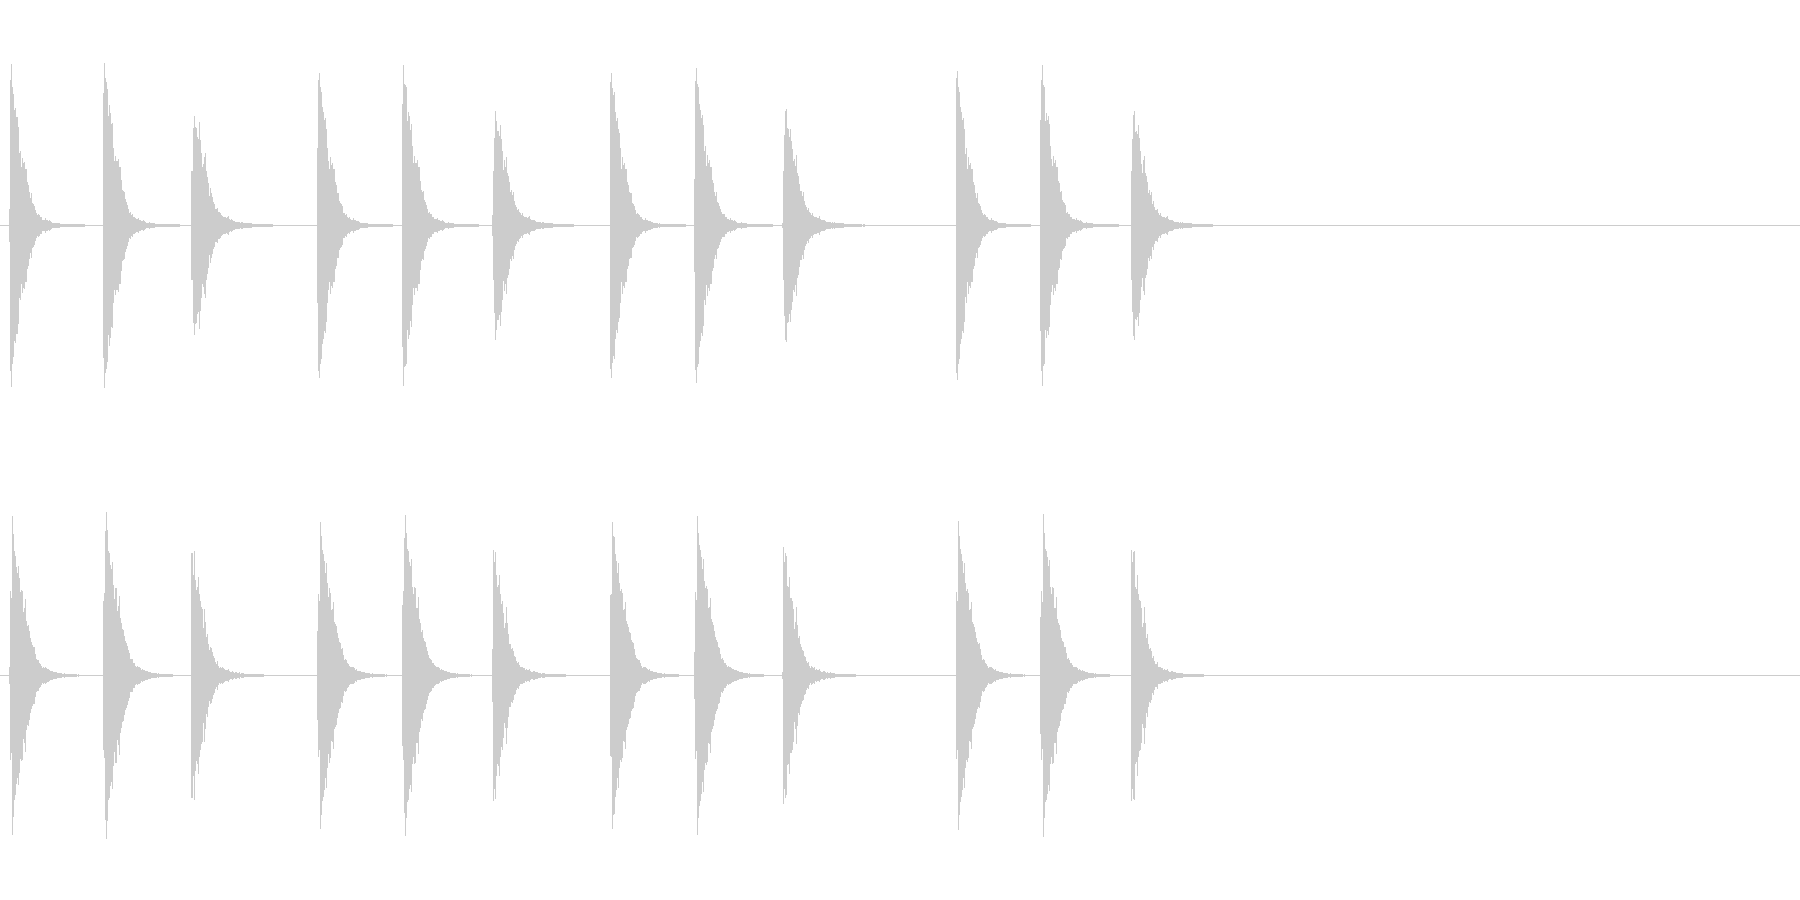 刀鍛冶の未再生の波形